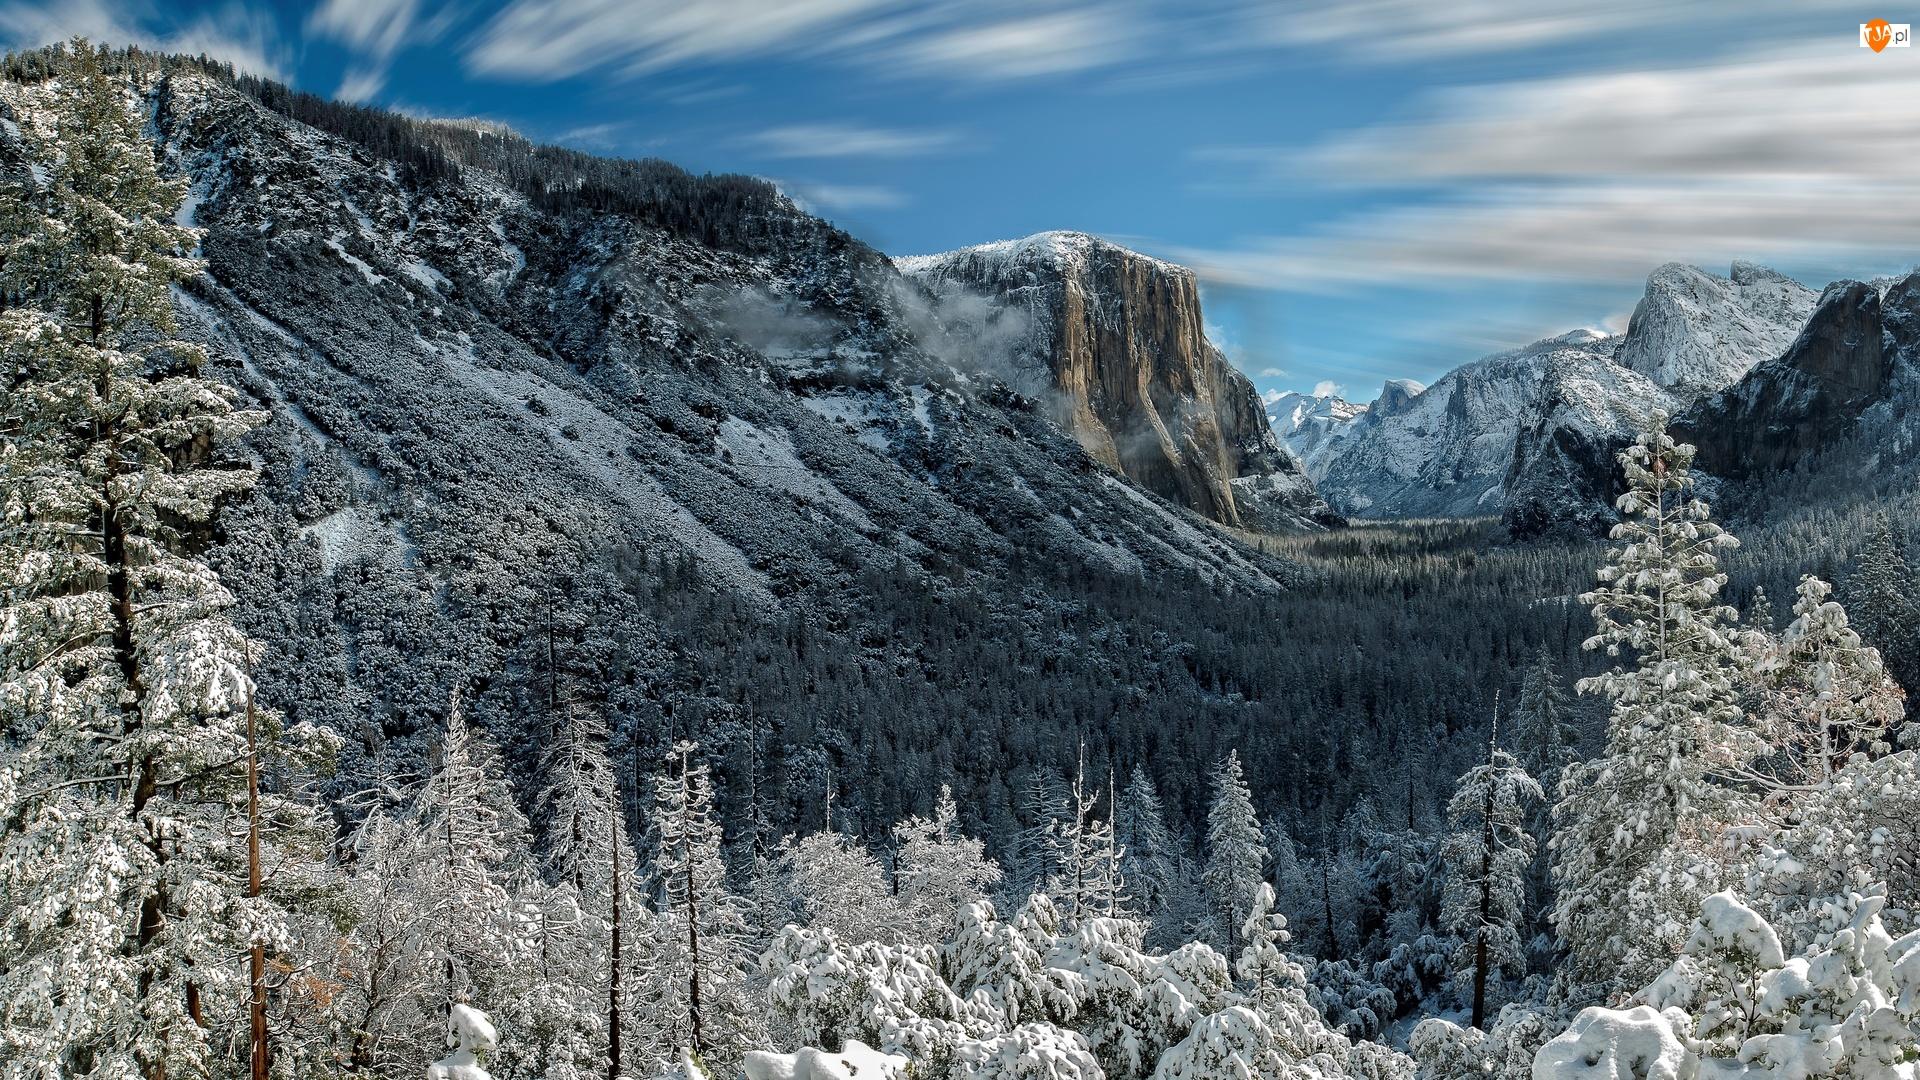 Zima, Góry, Stany Zjednoczone, Park Narodowy Yosemite, Stan Kalifornia, Drzewa, Dolina Yosemite Valley